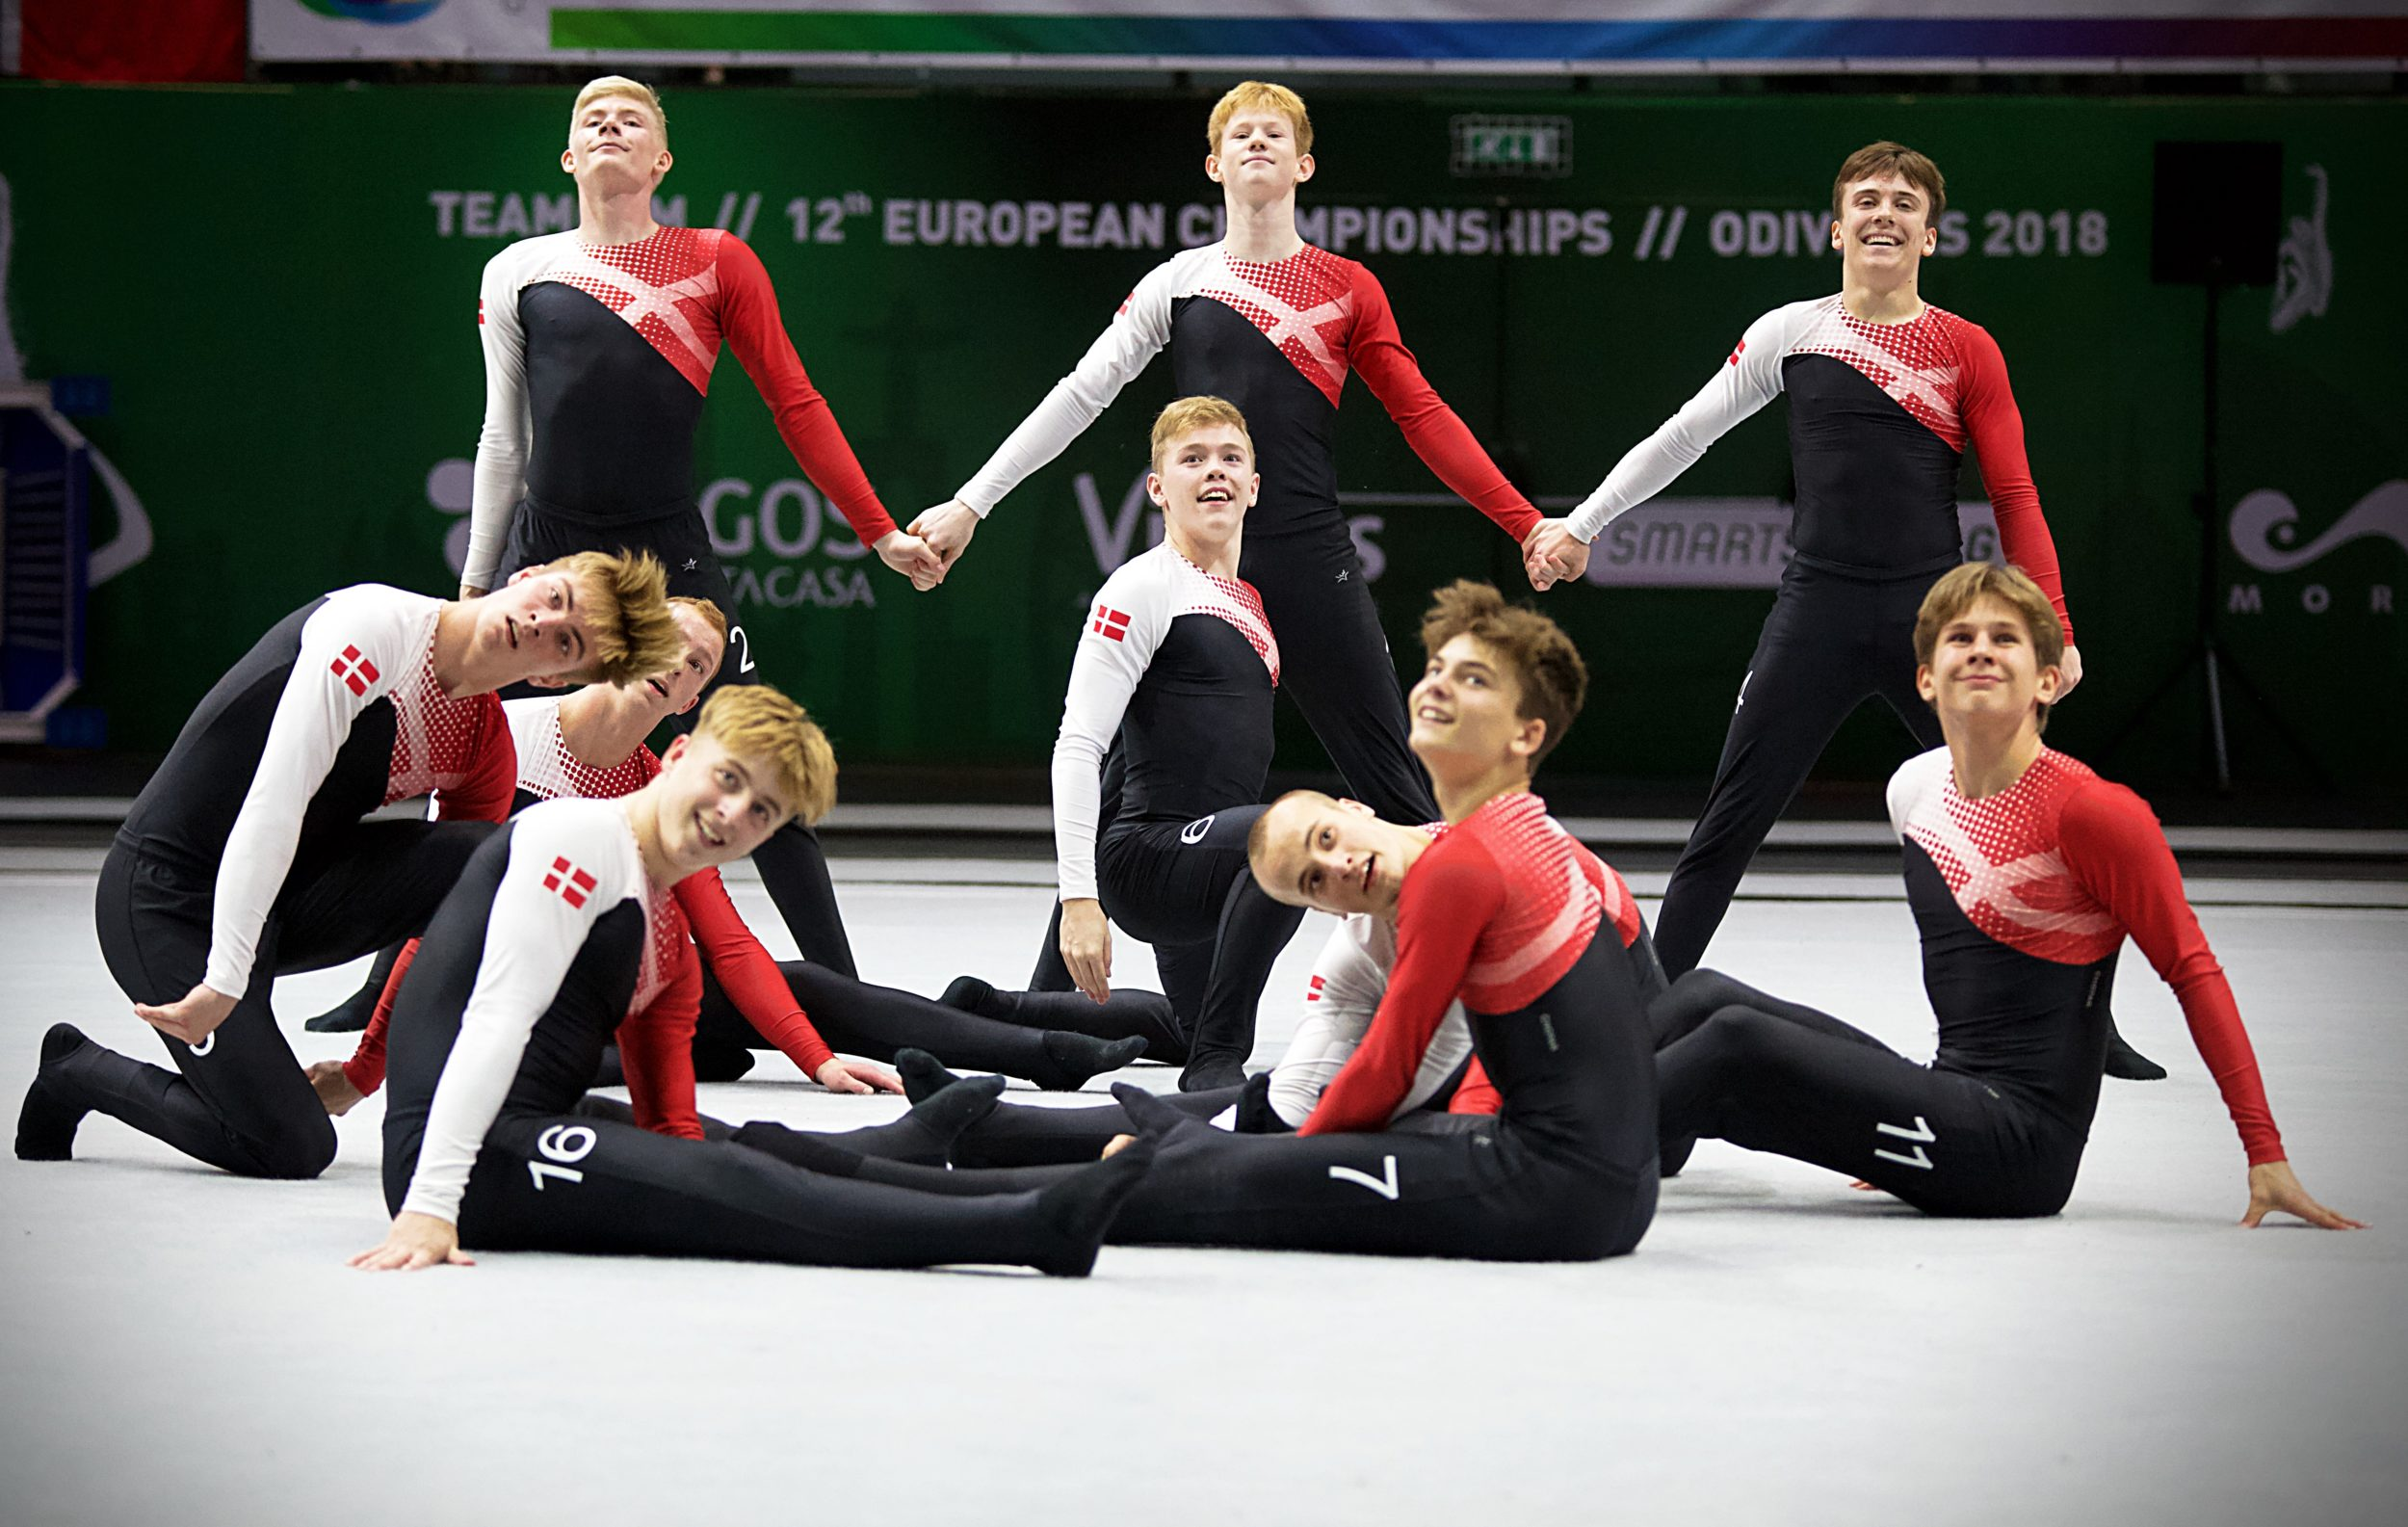 Fire gymnaster fra Roskilde udtaget til EM i TeamGym 2021